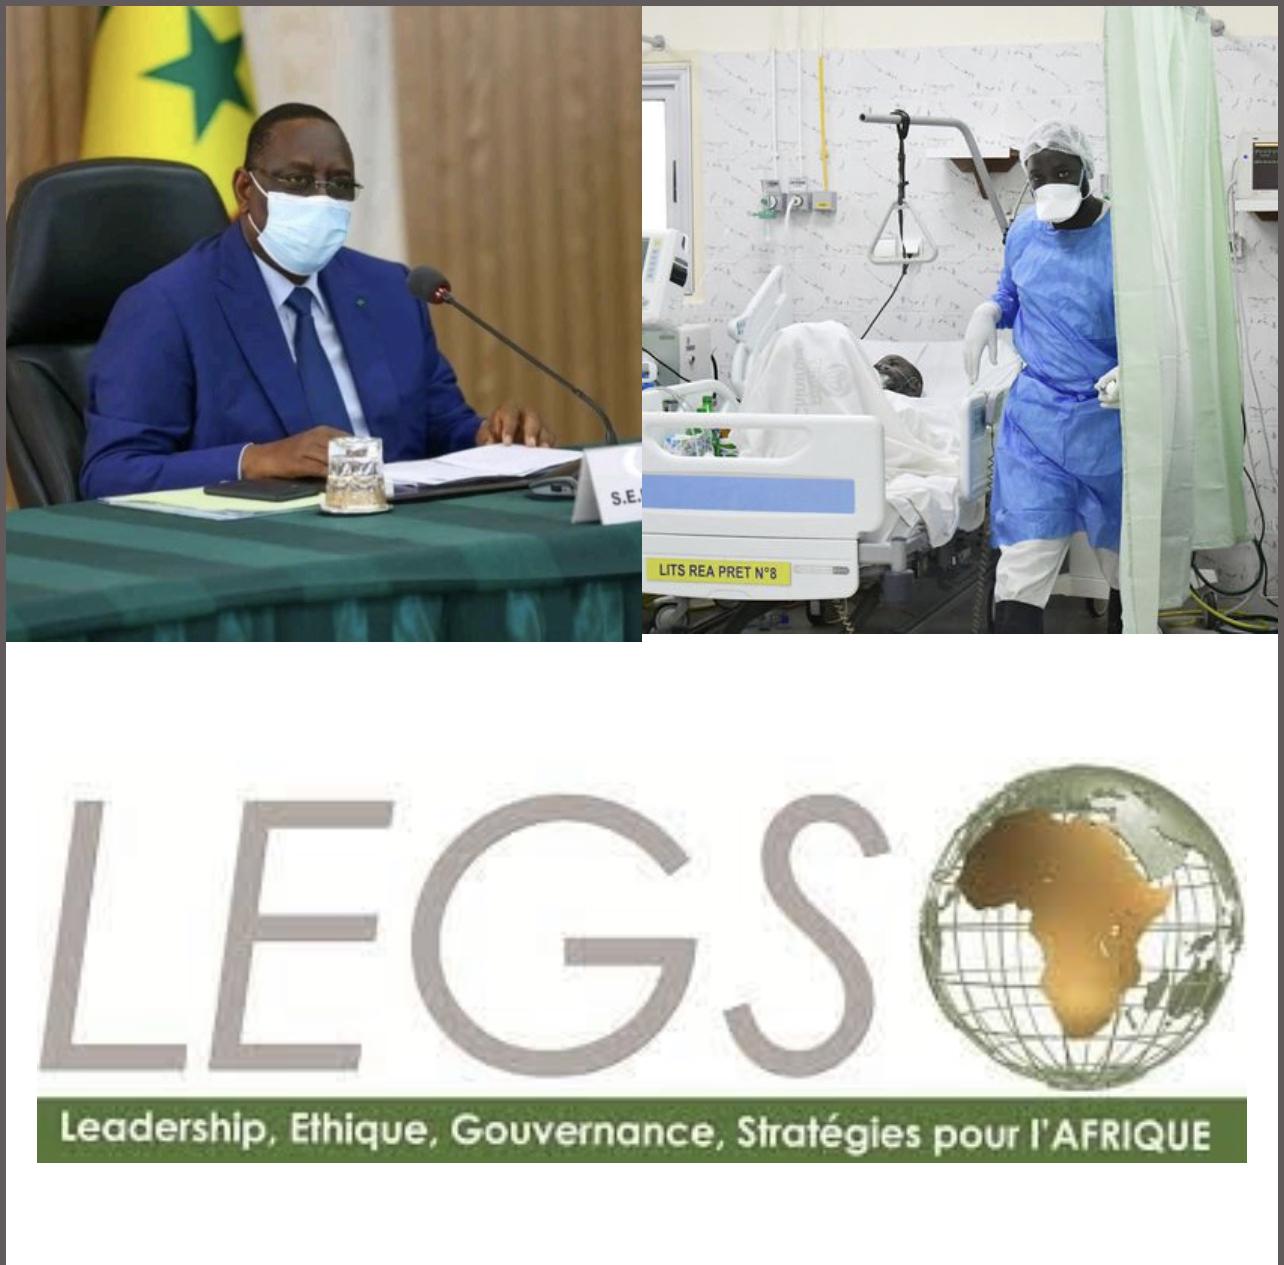 Situation économique du Sénégal / Covid-19 : un rapport de LEGS-Africa révèle un surendettement du pays avec un encours de la dette publique totale estimé à 9.176,3 milliards de FCFA en 2020.